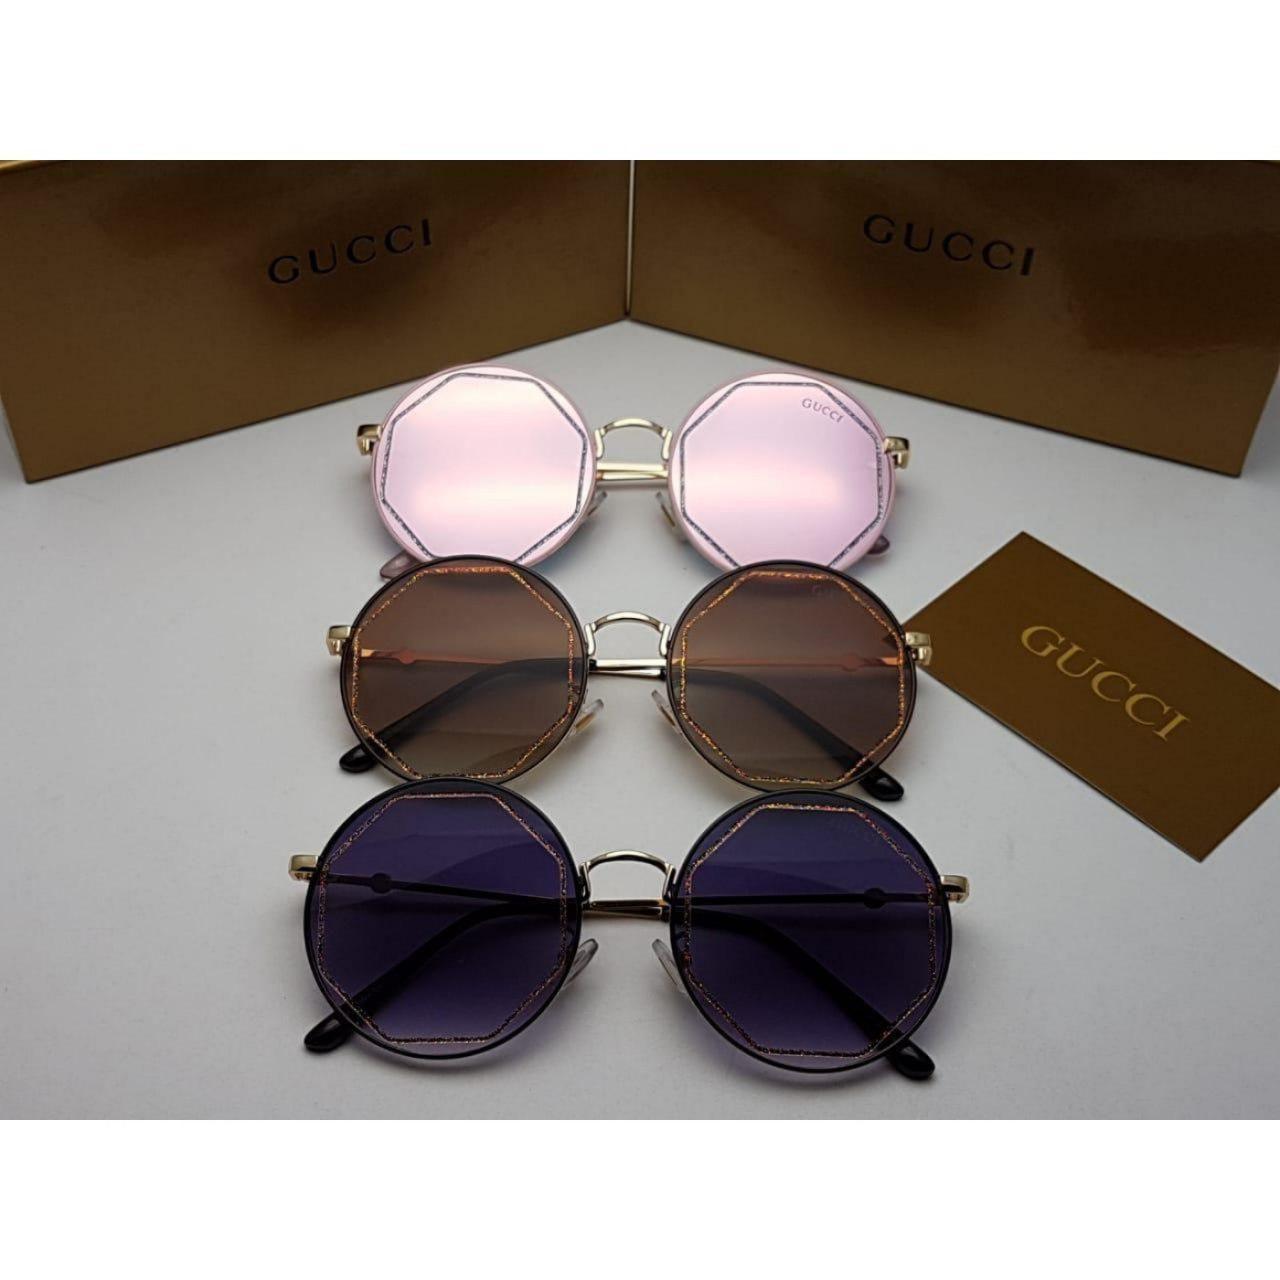 نظارات قوتشي نسائيه Gucci بدرجه اولى مع جميع ملحقاتها و بنفس اسم الماركه هدايا هنوف Round Sunglasses Sunglasses Oval Sunglass